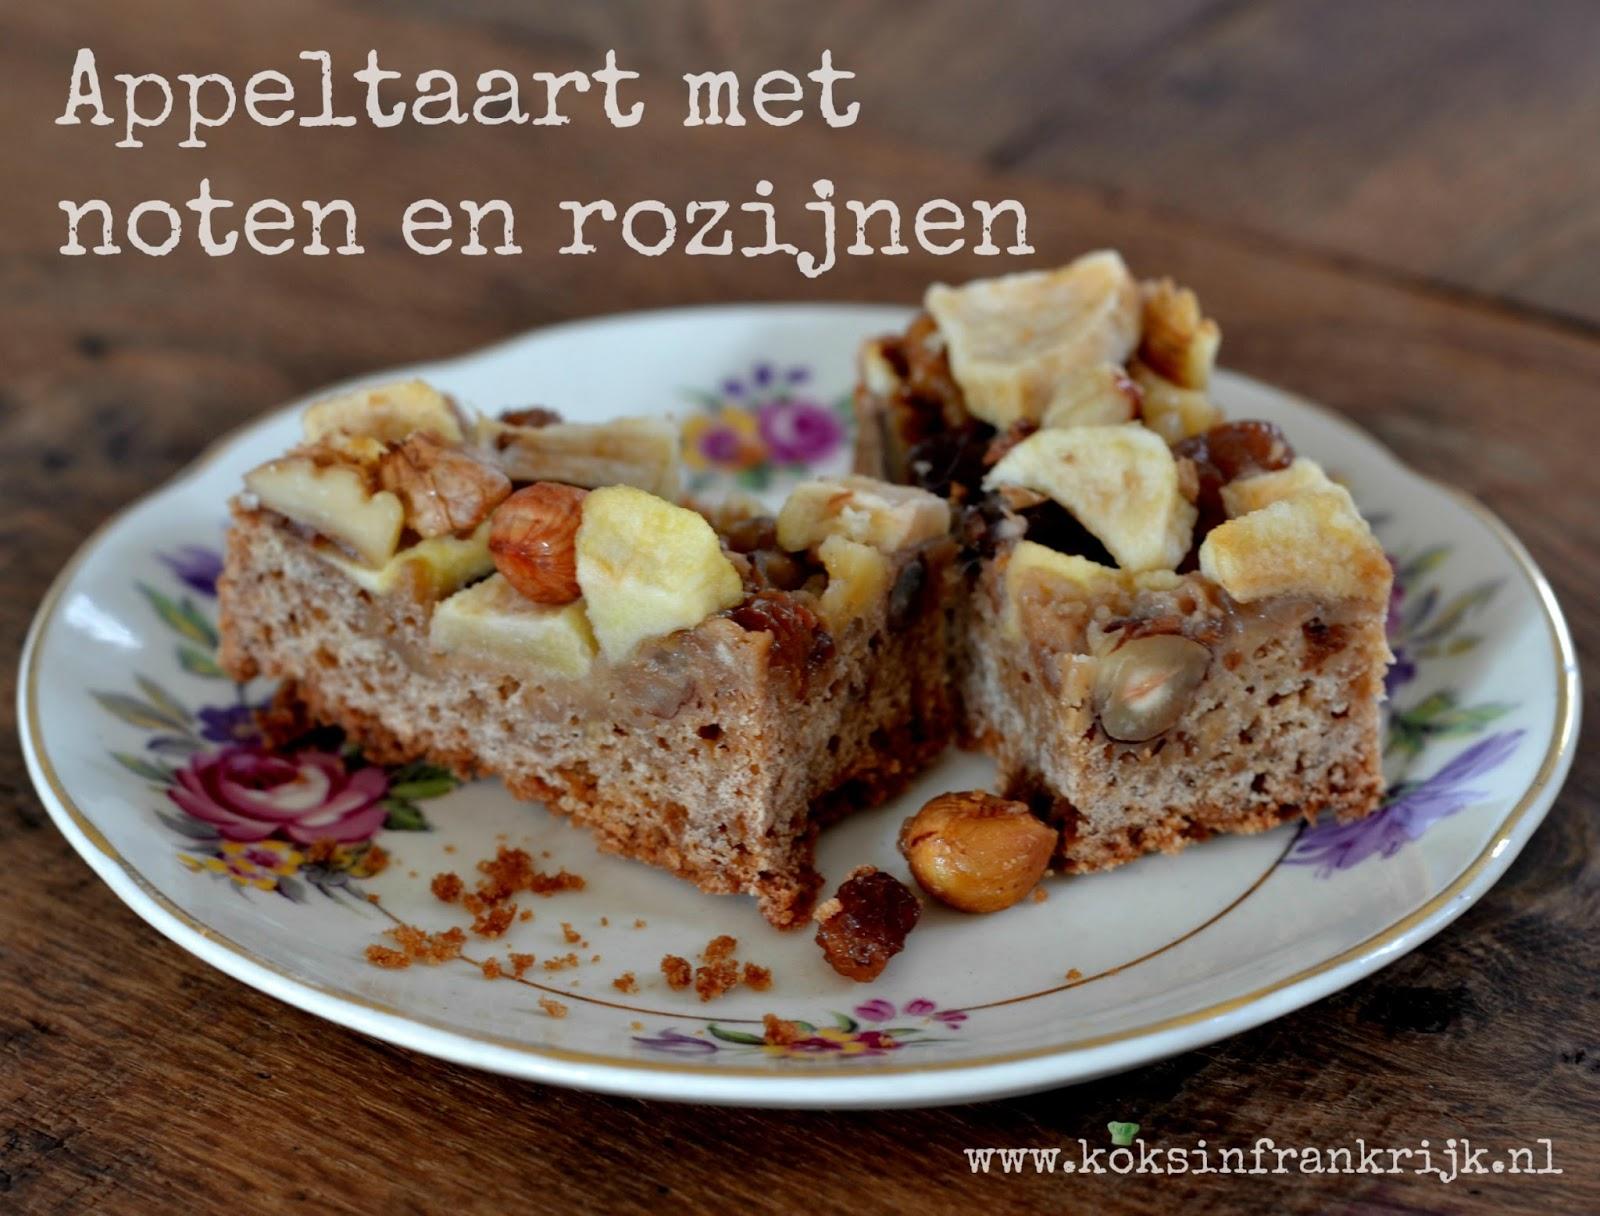 Recept voor makkelijke appeltaart met noten en rozijnen.